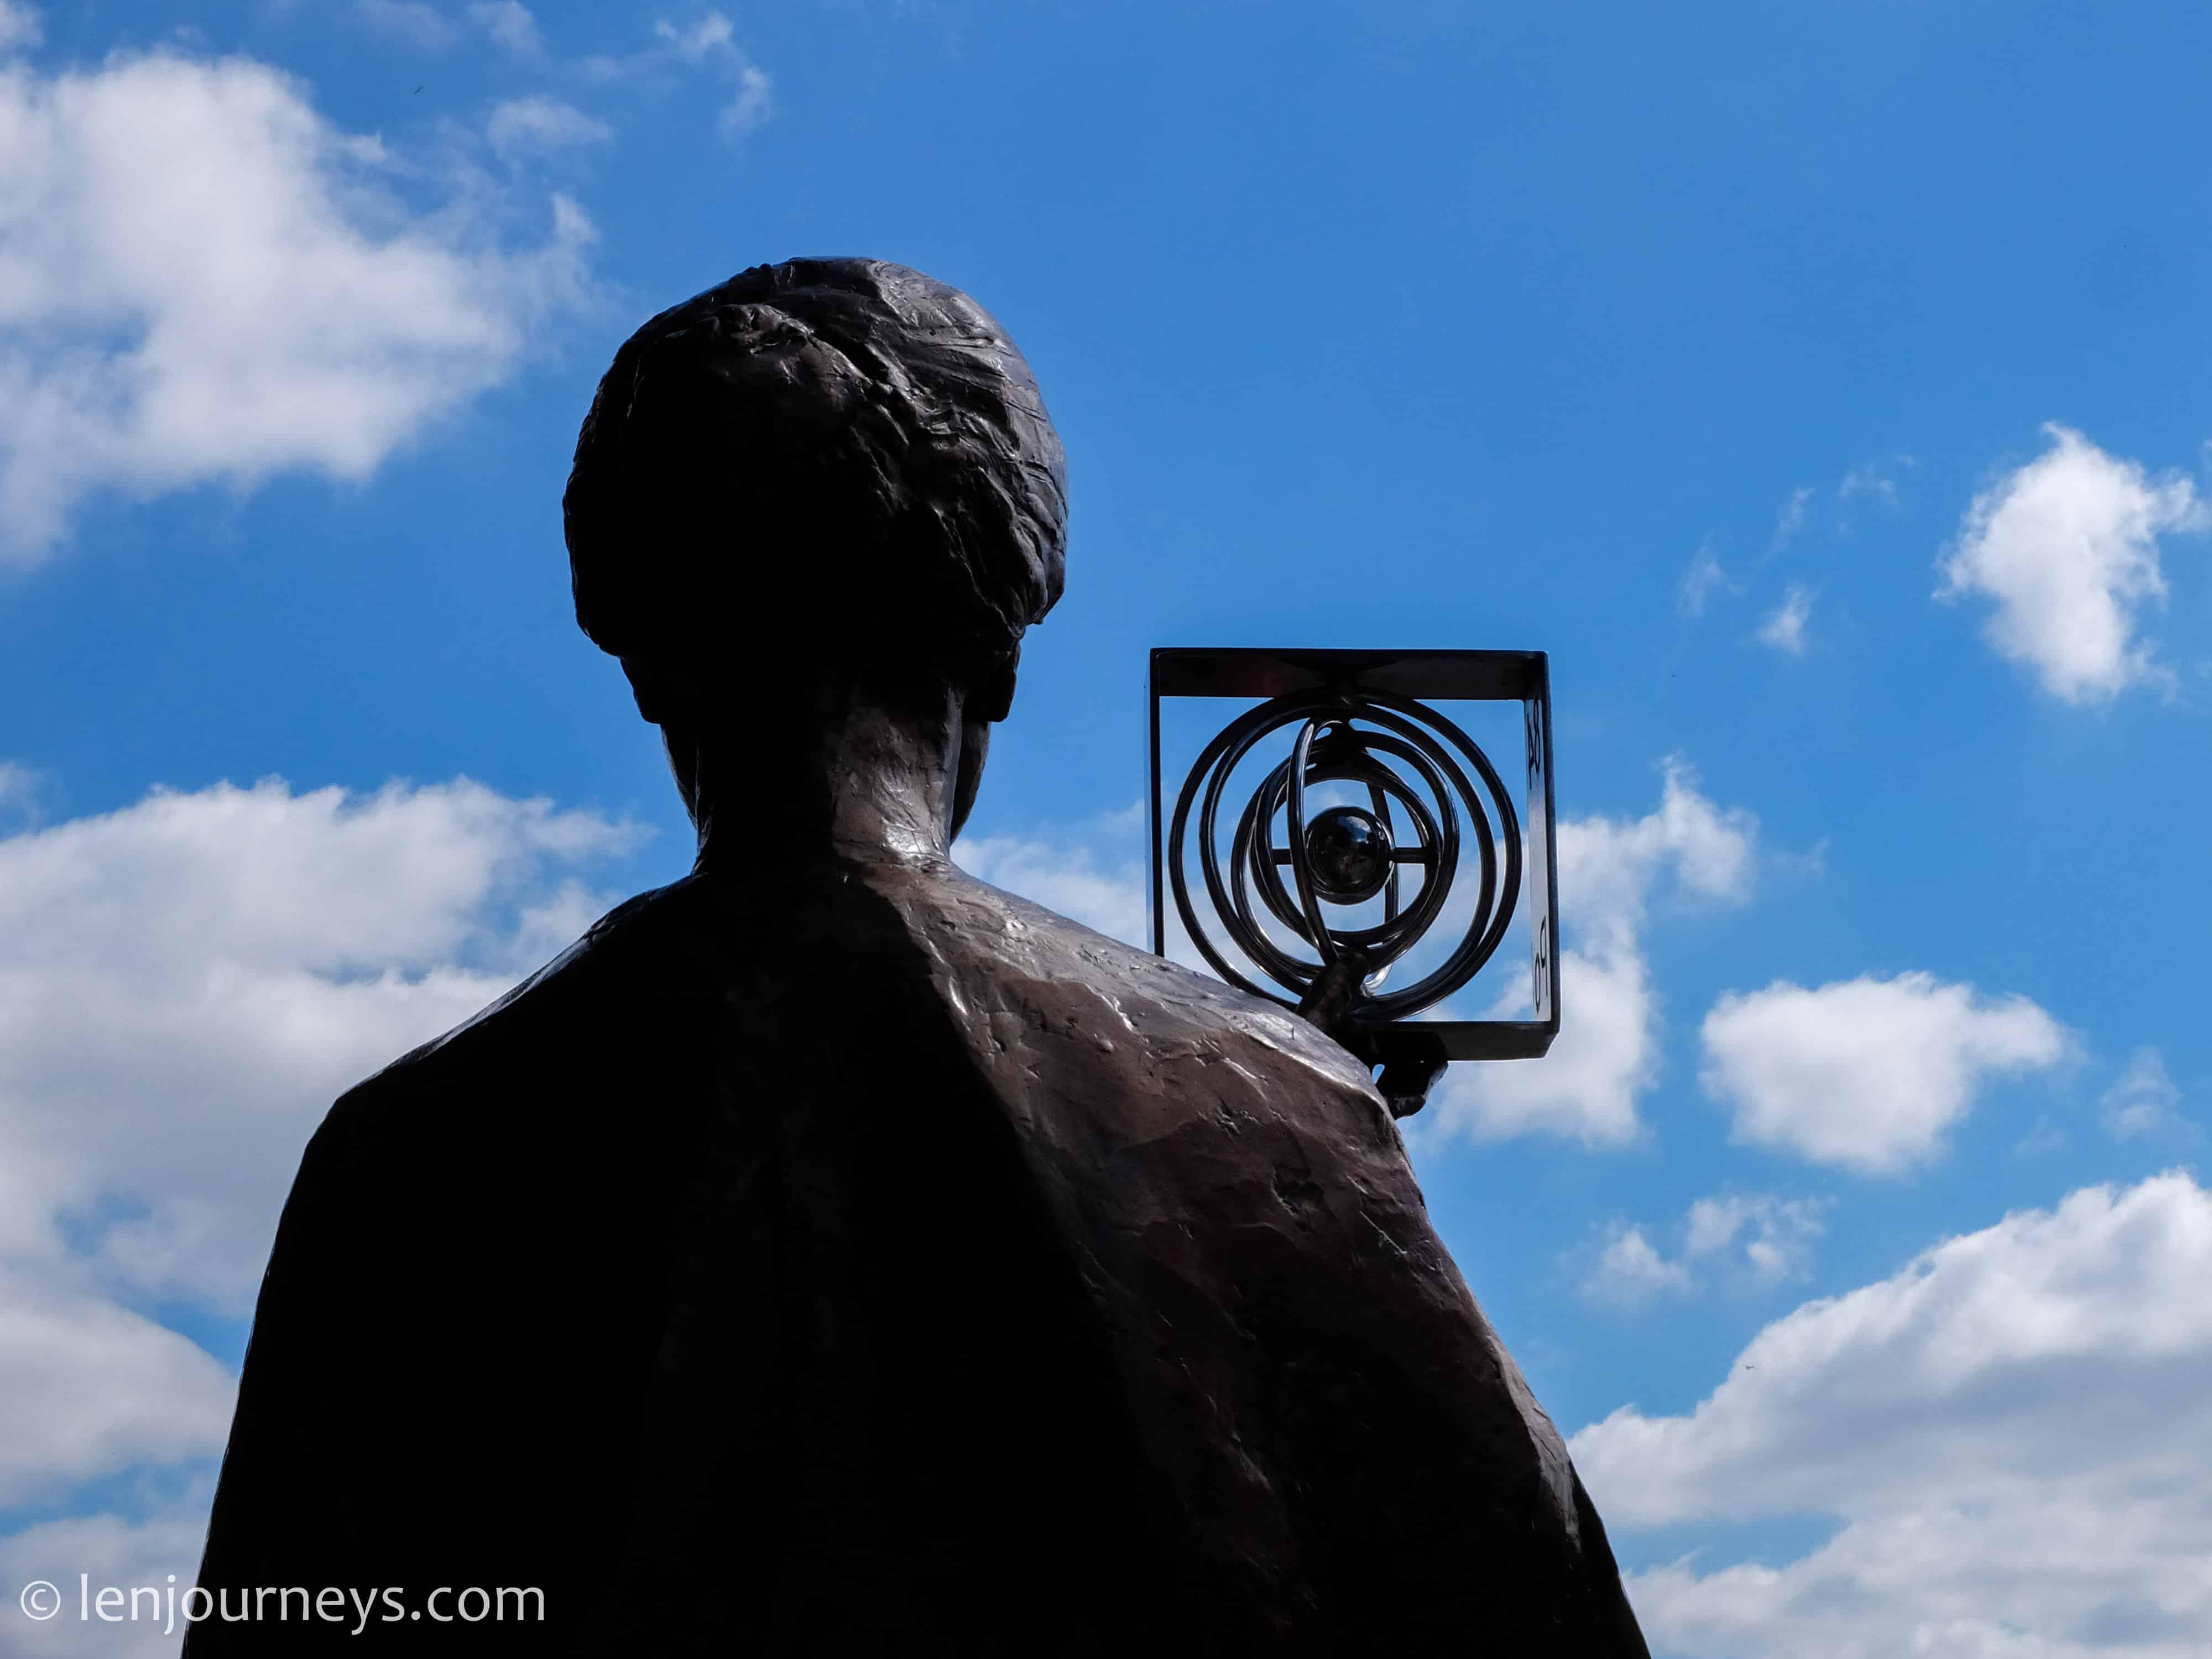 Marie Curie Statue